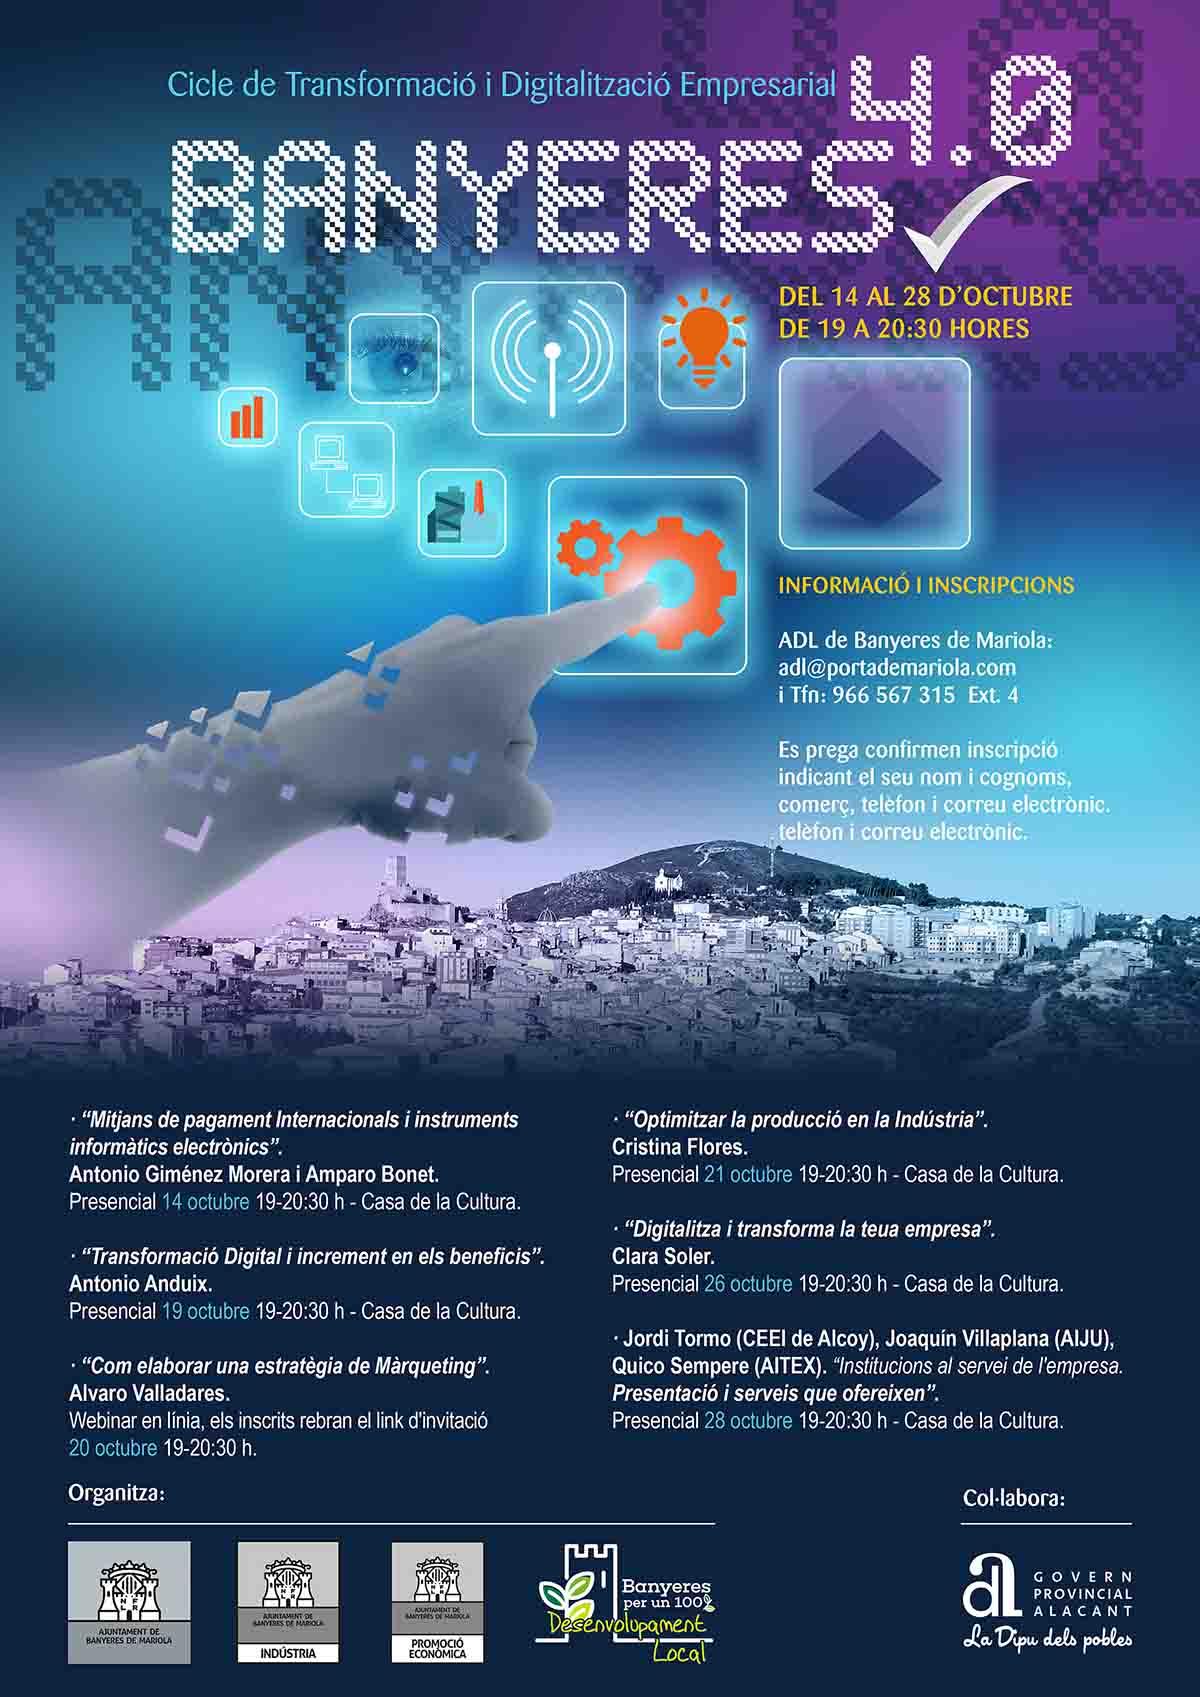 Ciclo de Transformación y Digitalización Empresarial en Banyeres